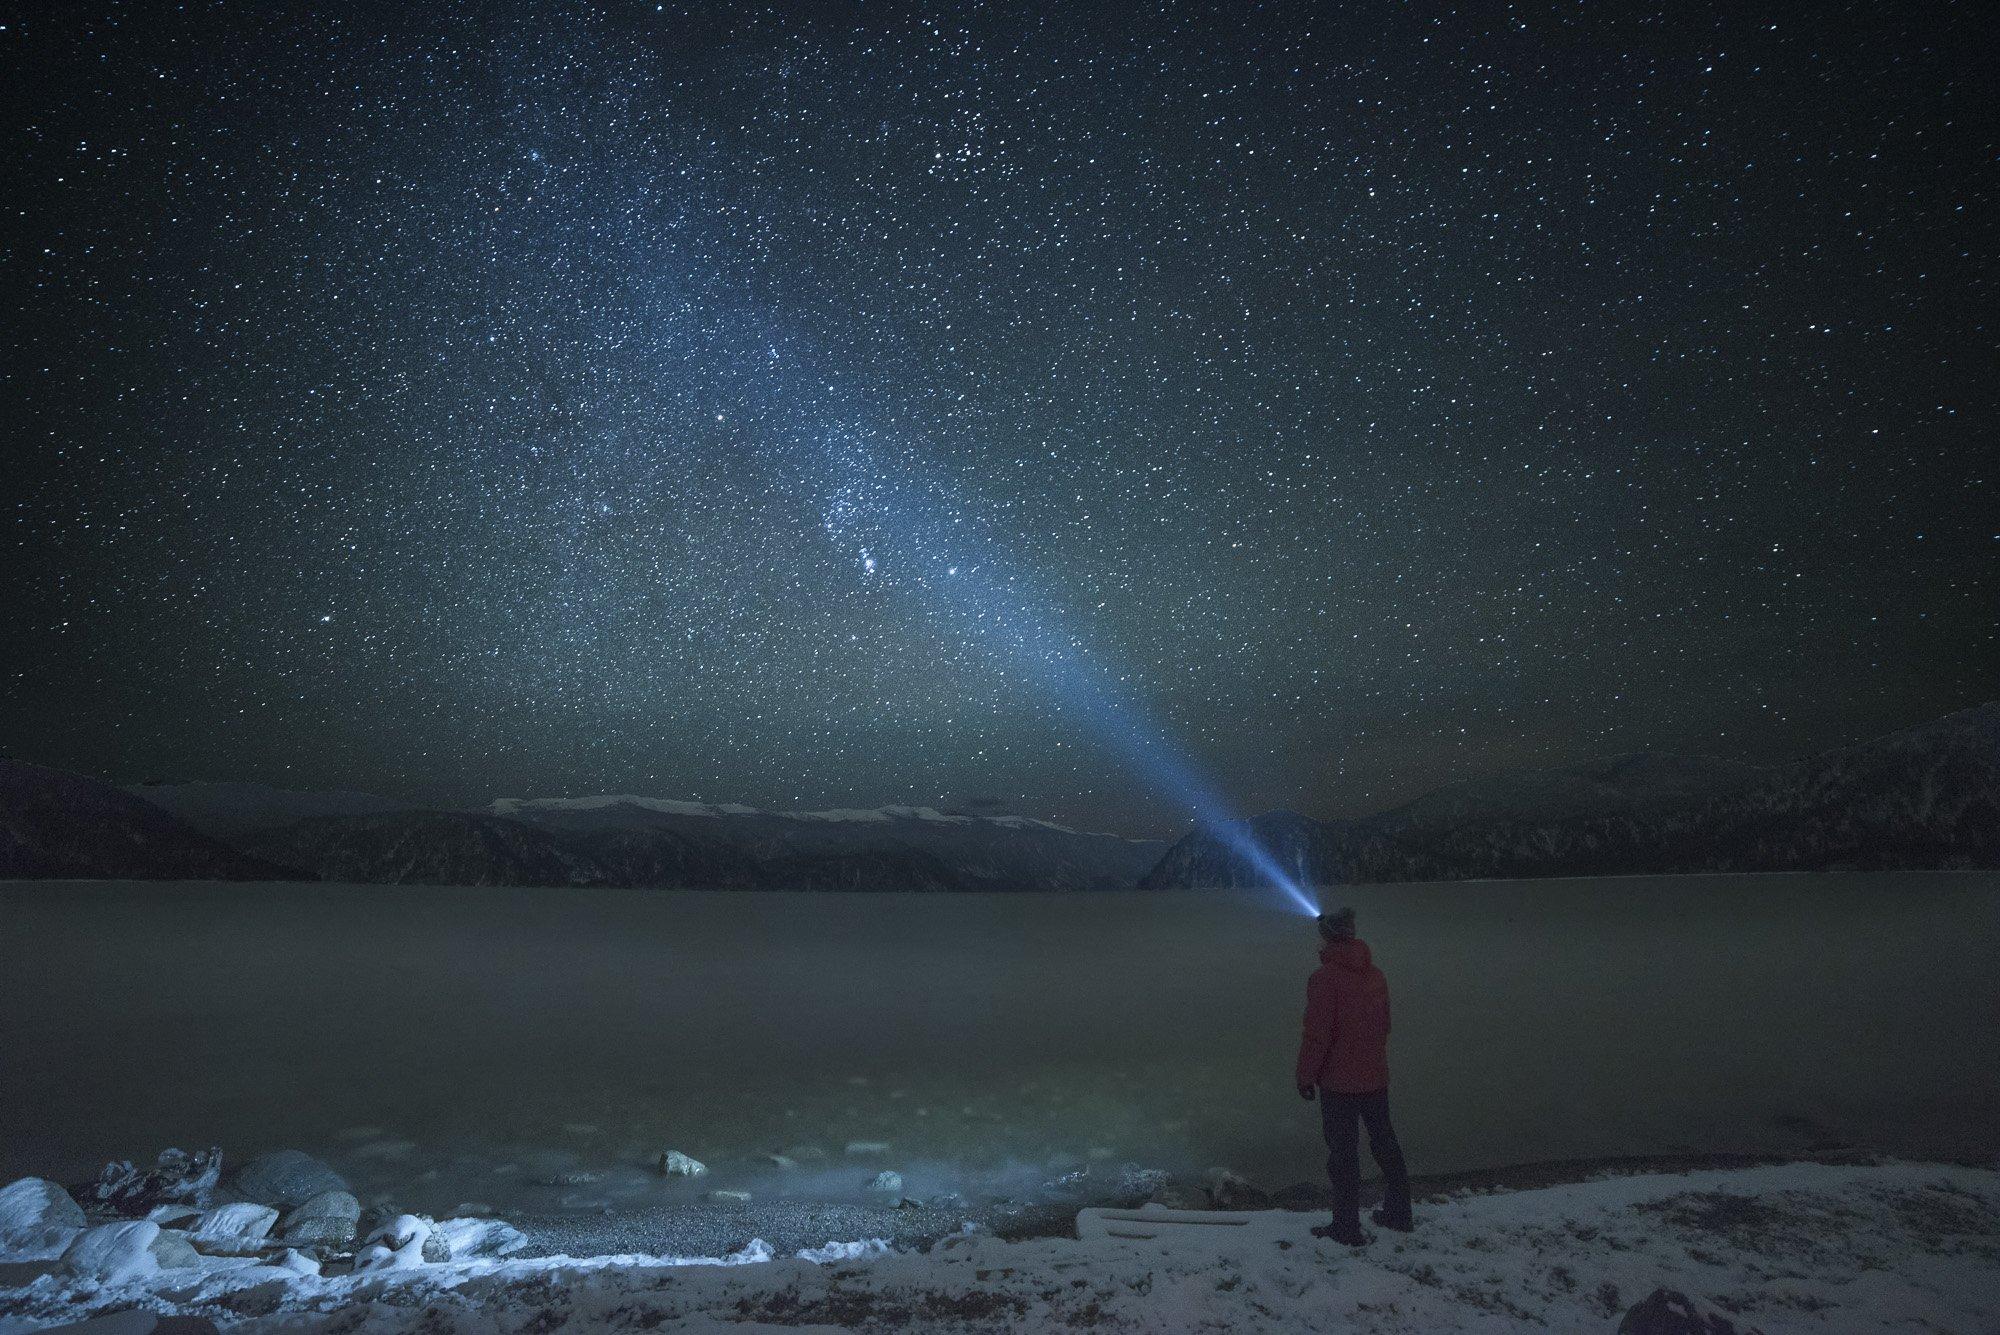 природа, пейзаж, звезды, небо, ночь, горы, озеро, Дмитрий Старостенков